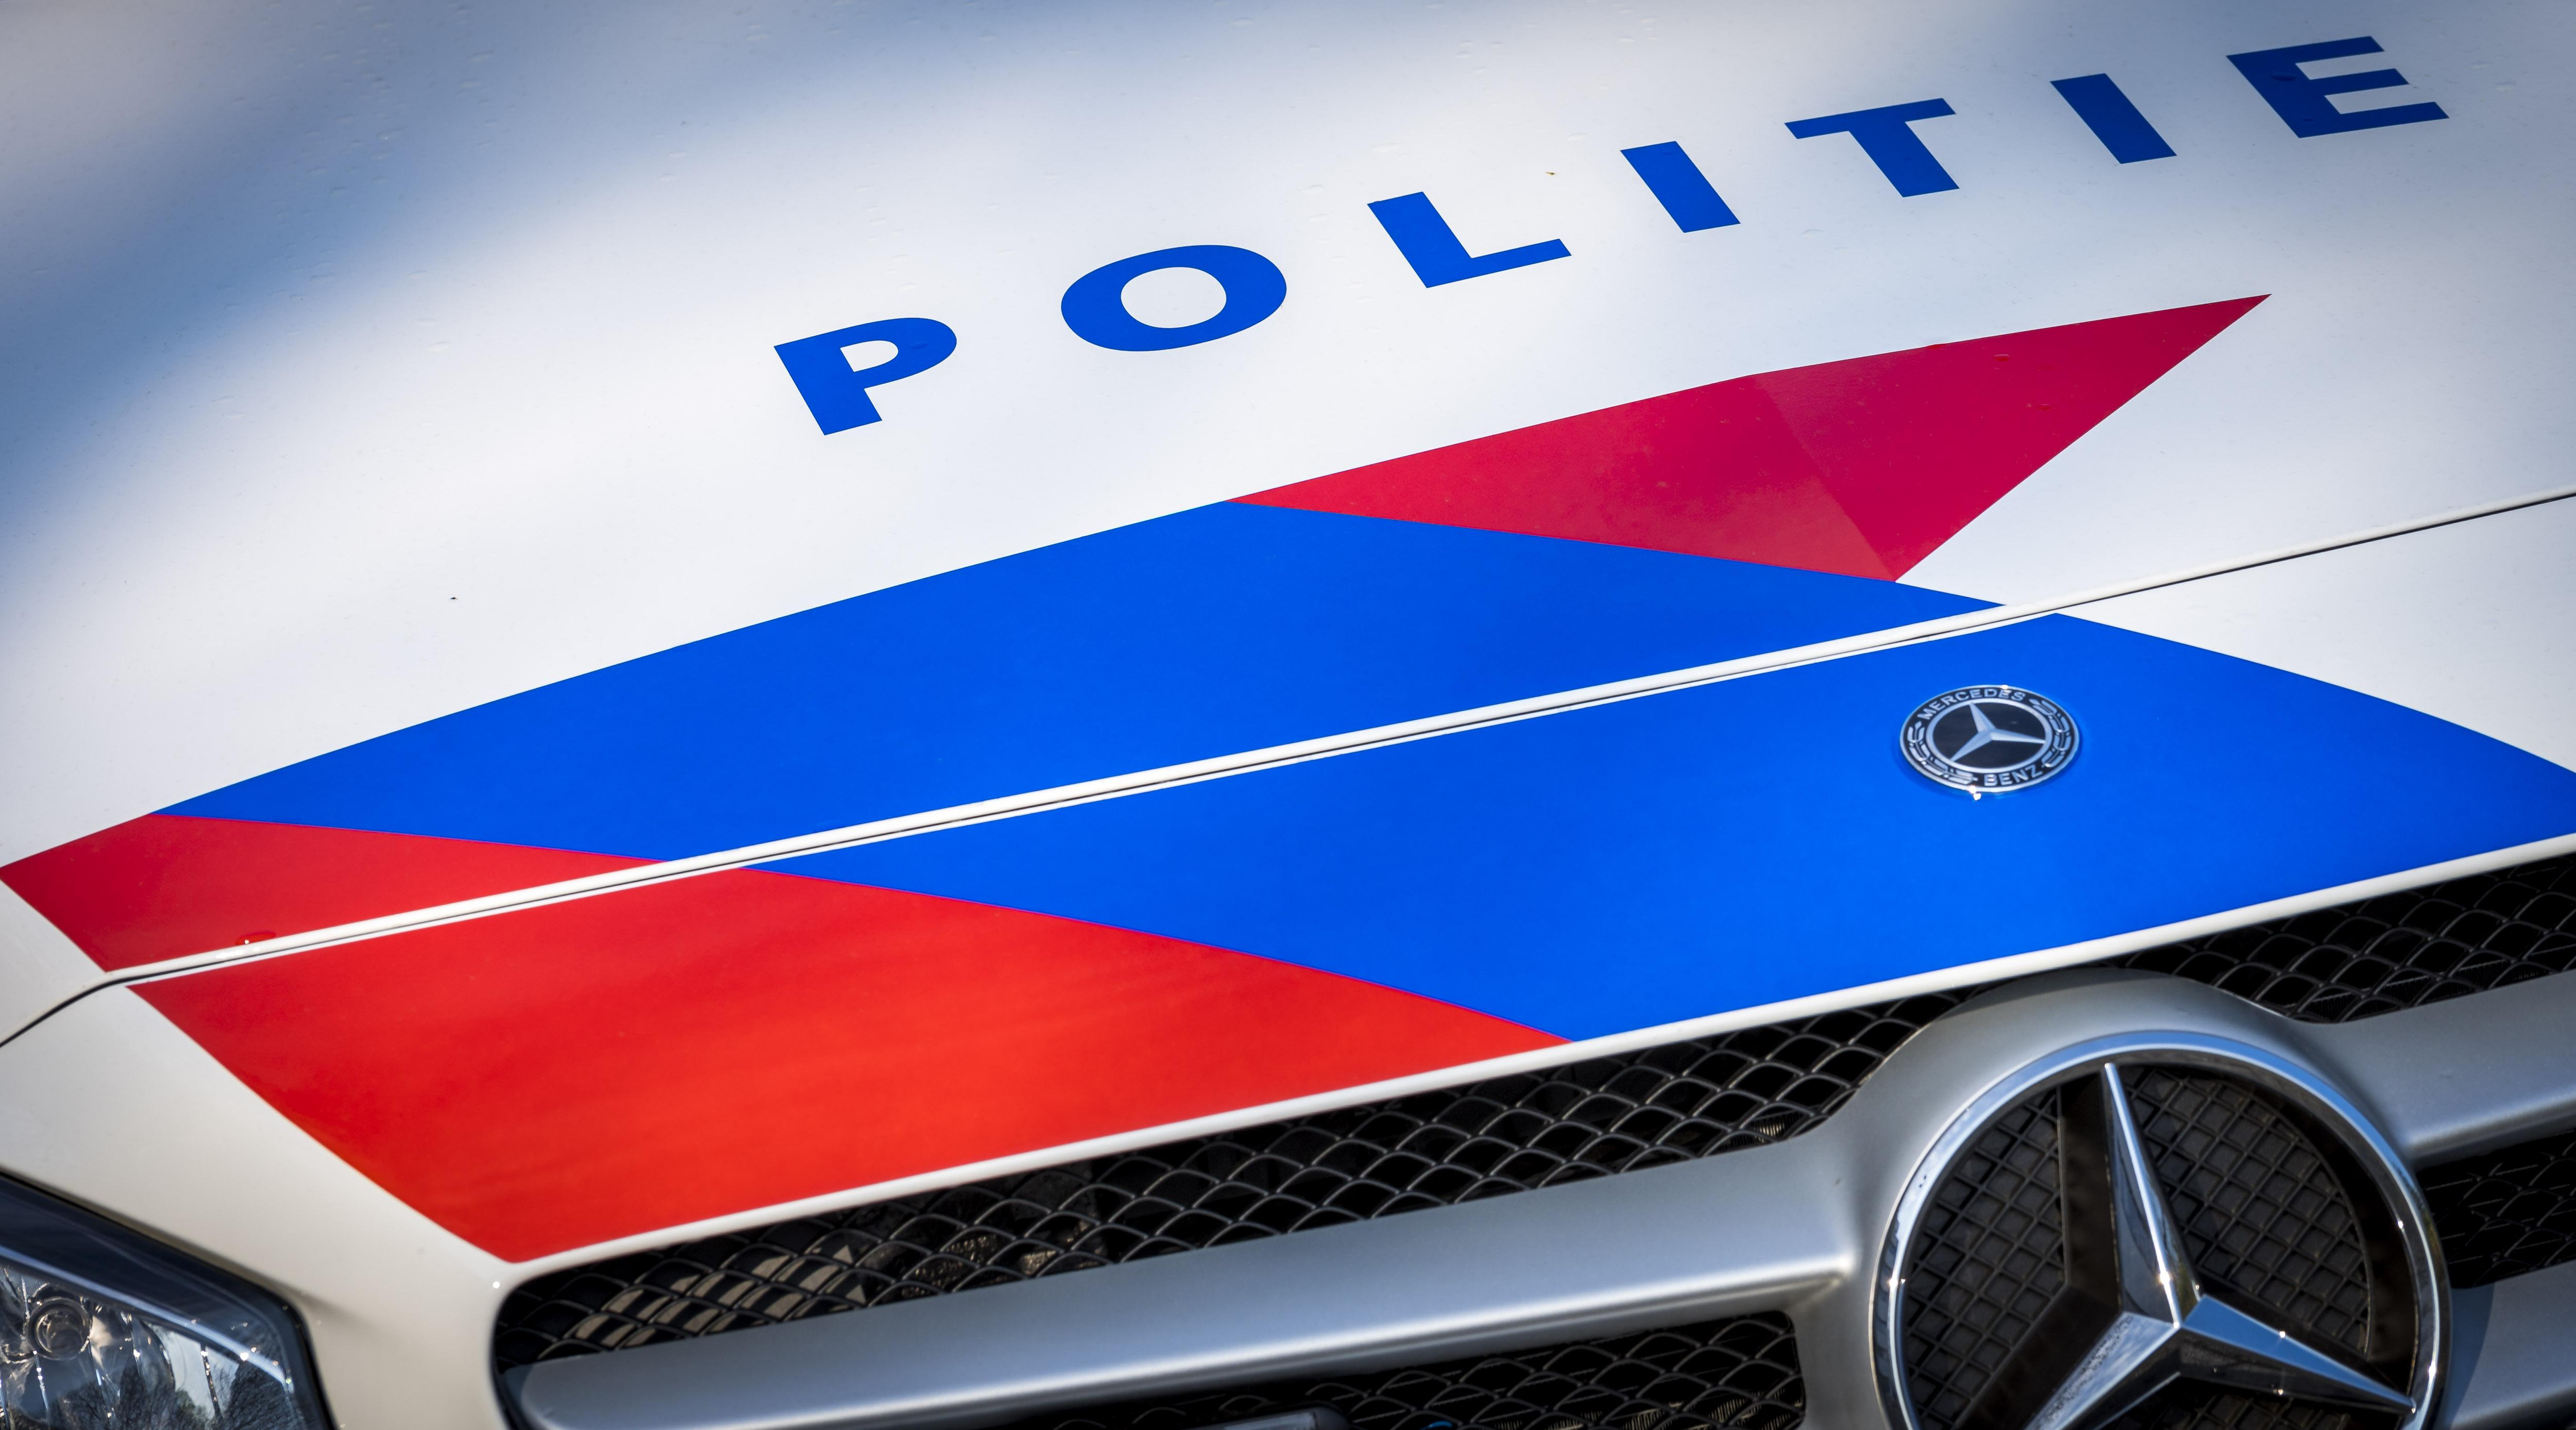 Politie geeft beelden van verdachten uitgaansgeweld in Haarlem vrij